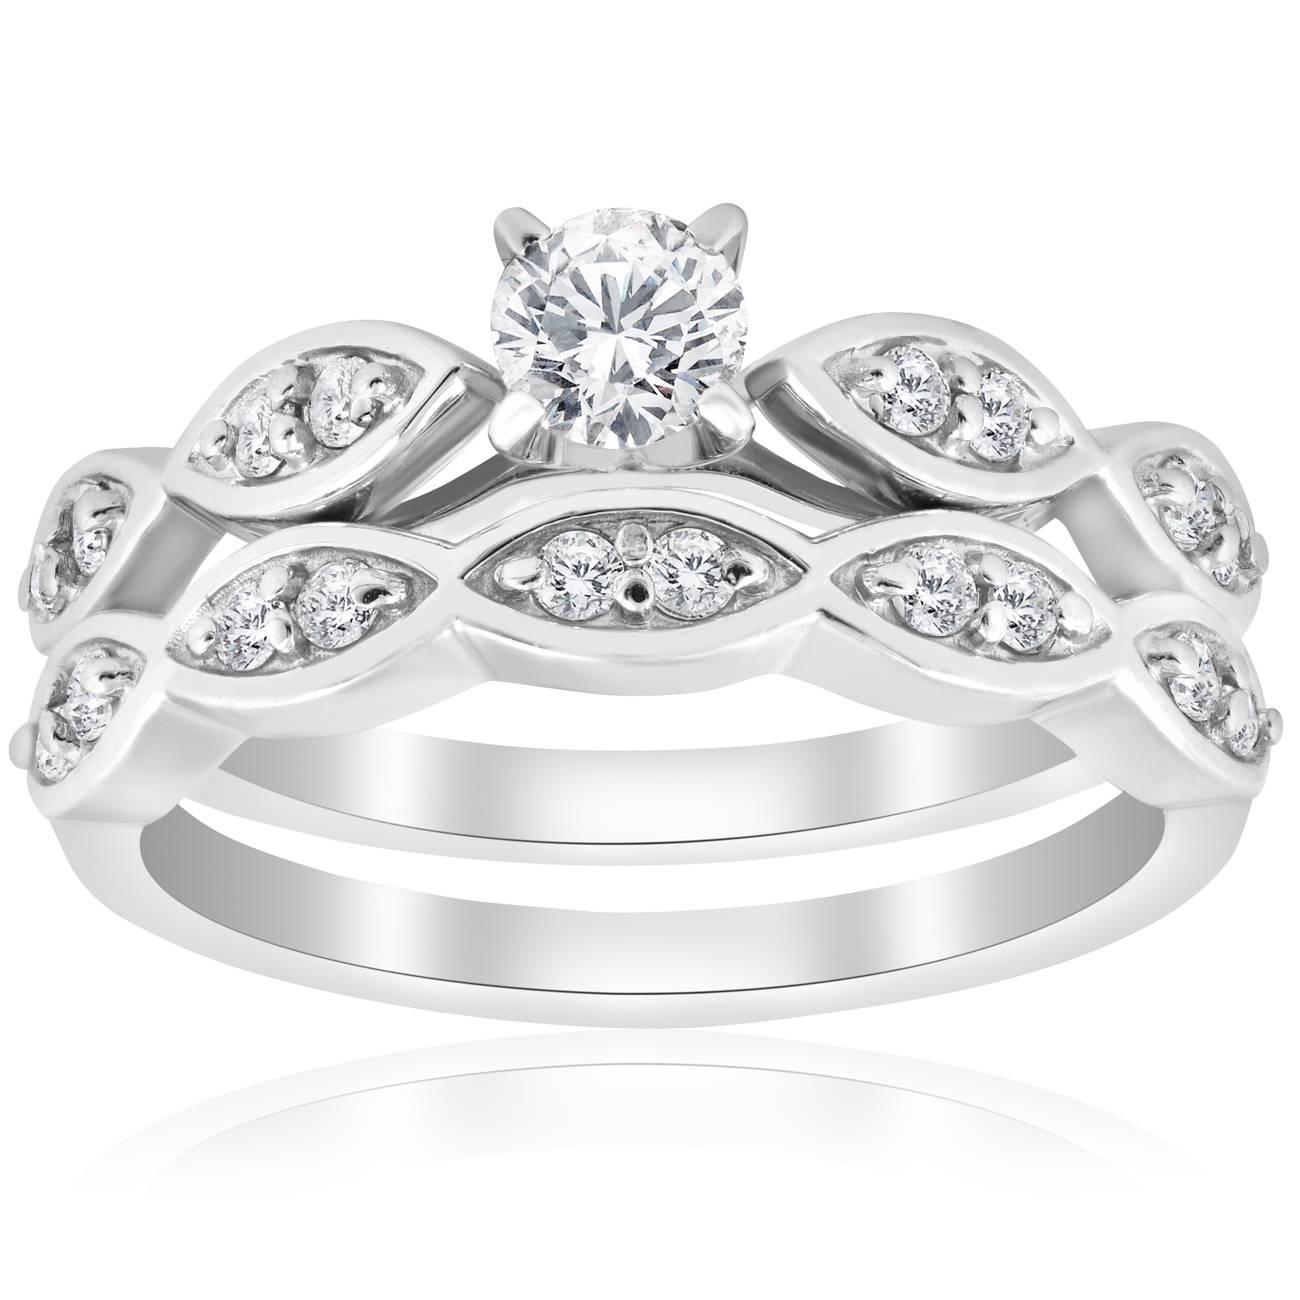 3 4ct Vintage Diamond Engagement Ring Matching Wedding Band Set 14K White Gold